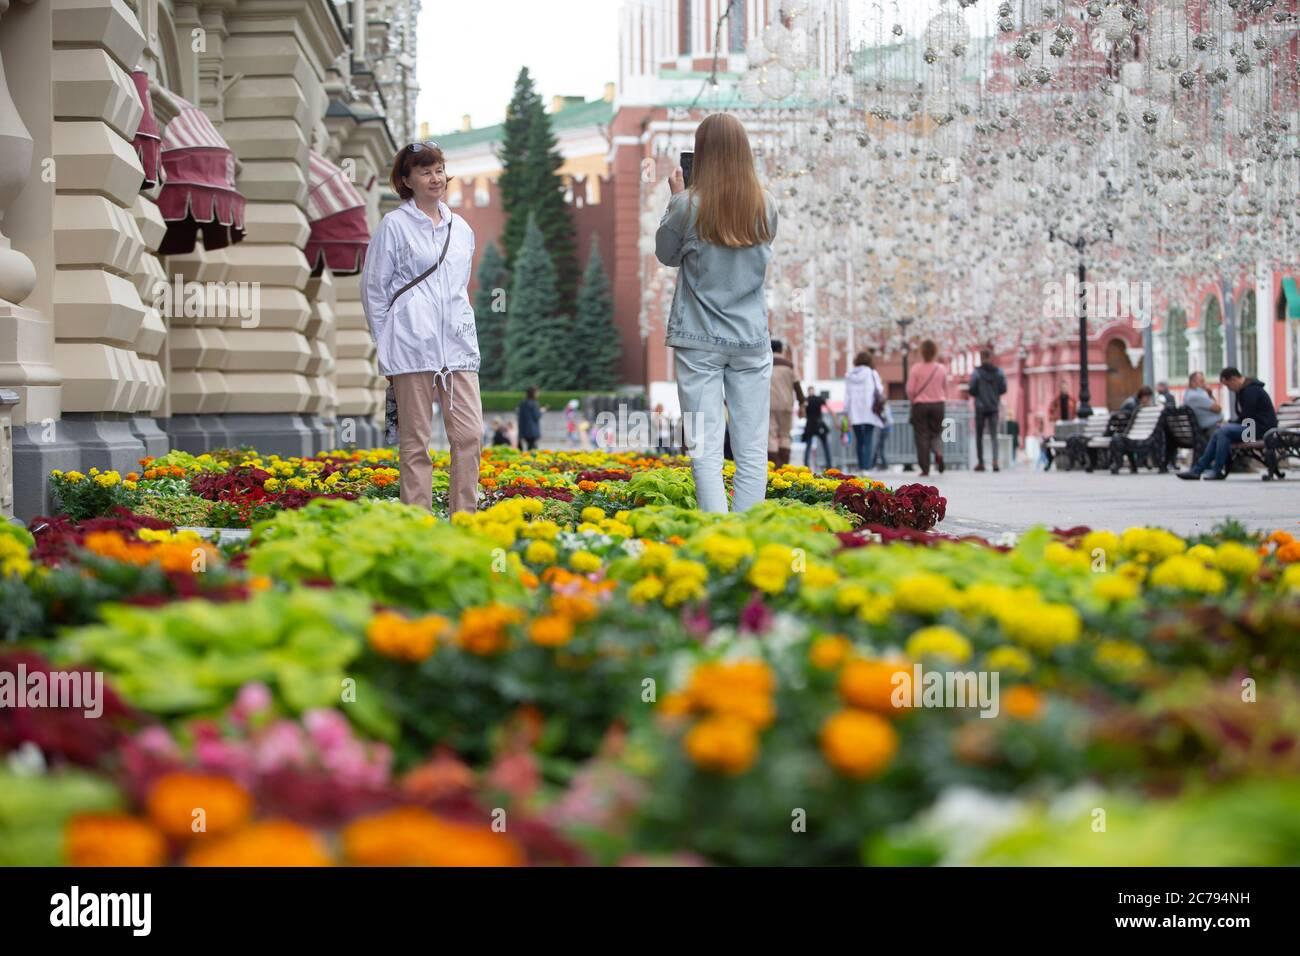 Moskau, Russland. Juli 2020. Die Menschen fotografieren während eines jährlichen Blumenfestes vor dem KAUFHAUS GUM in der Nähe des Roten Platzes im Zentrum von Moskau, Russland, am 15. Juli 2020. In diesem Jahr wurden rund 200,000 Blumen in und außerhalb des KAUFHAUSES FÜR KAUGUMMI gepflanzt. Quelle: Alexander Zemlianichenko Jr/Xinhua/Alamy Live News Stockfoto